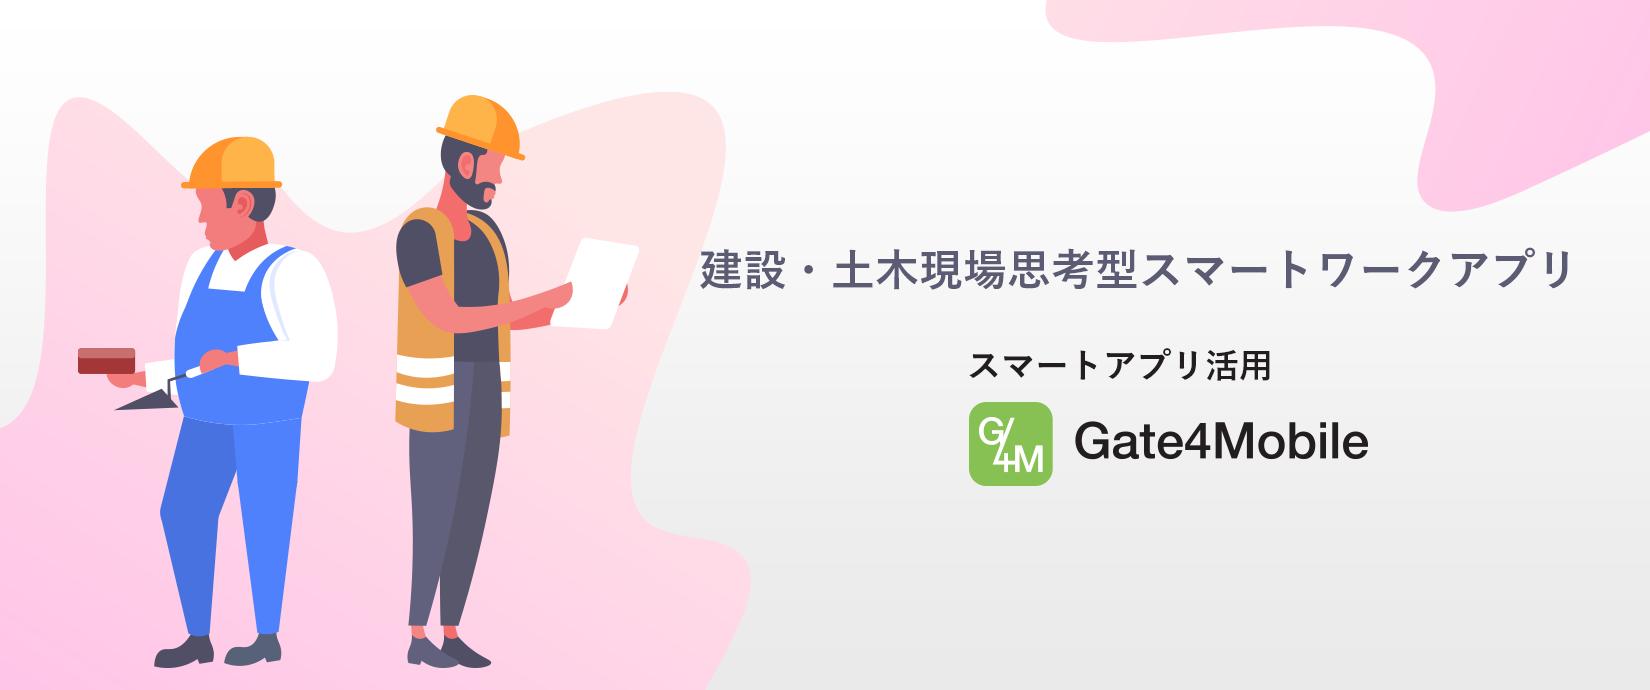 Gate4Mobile